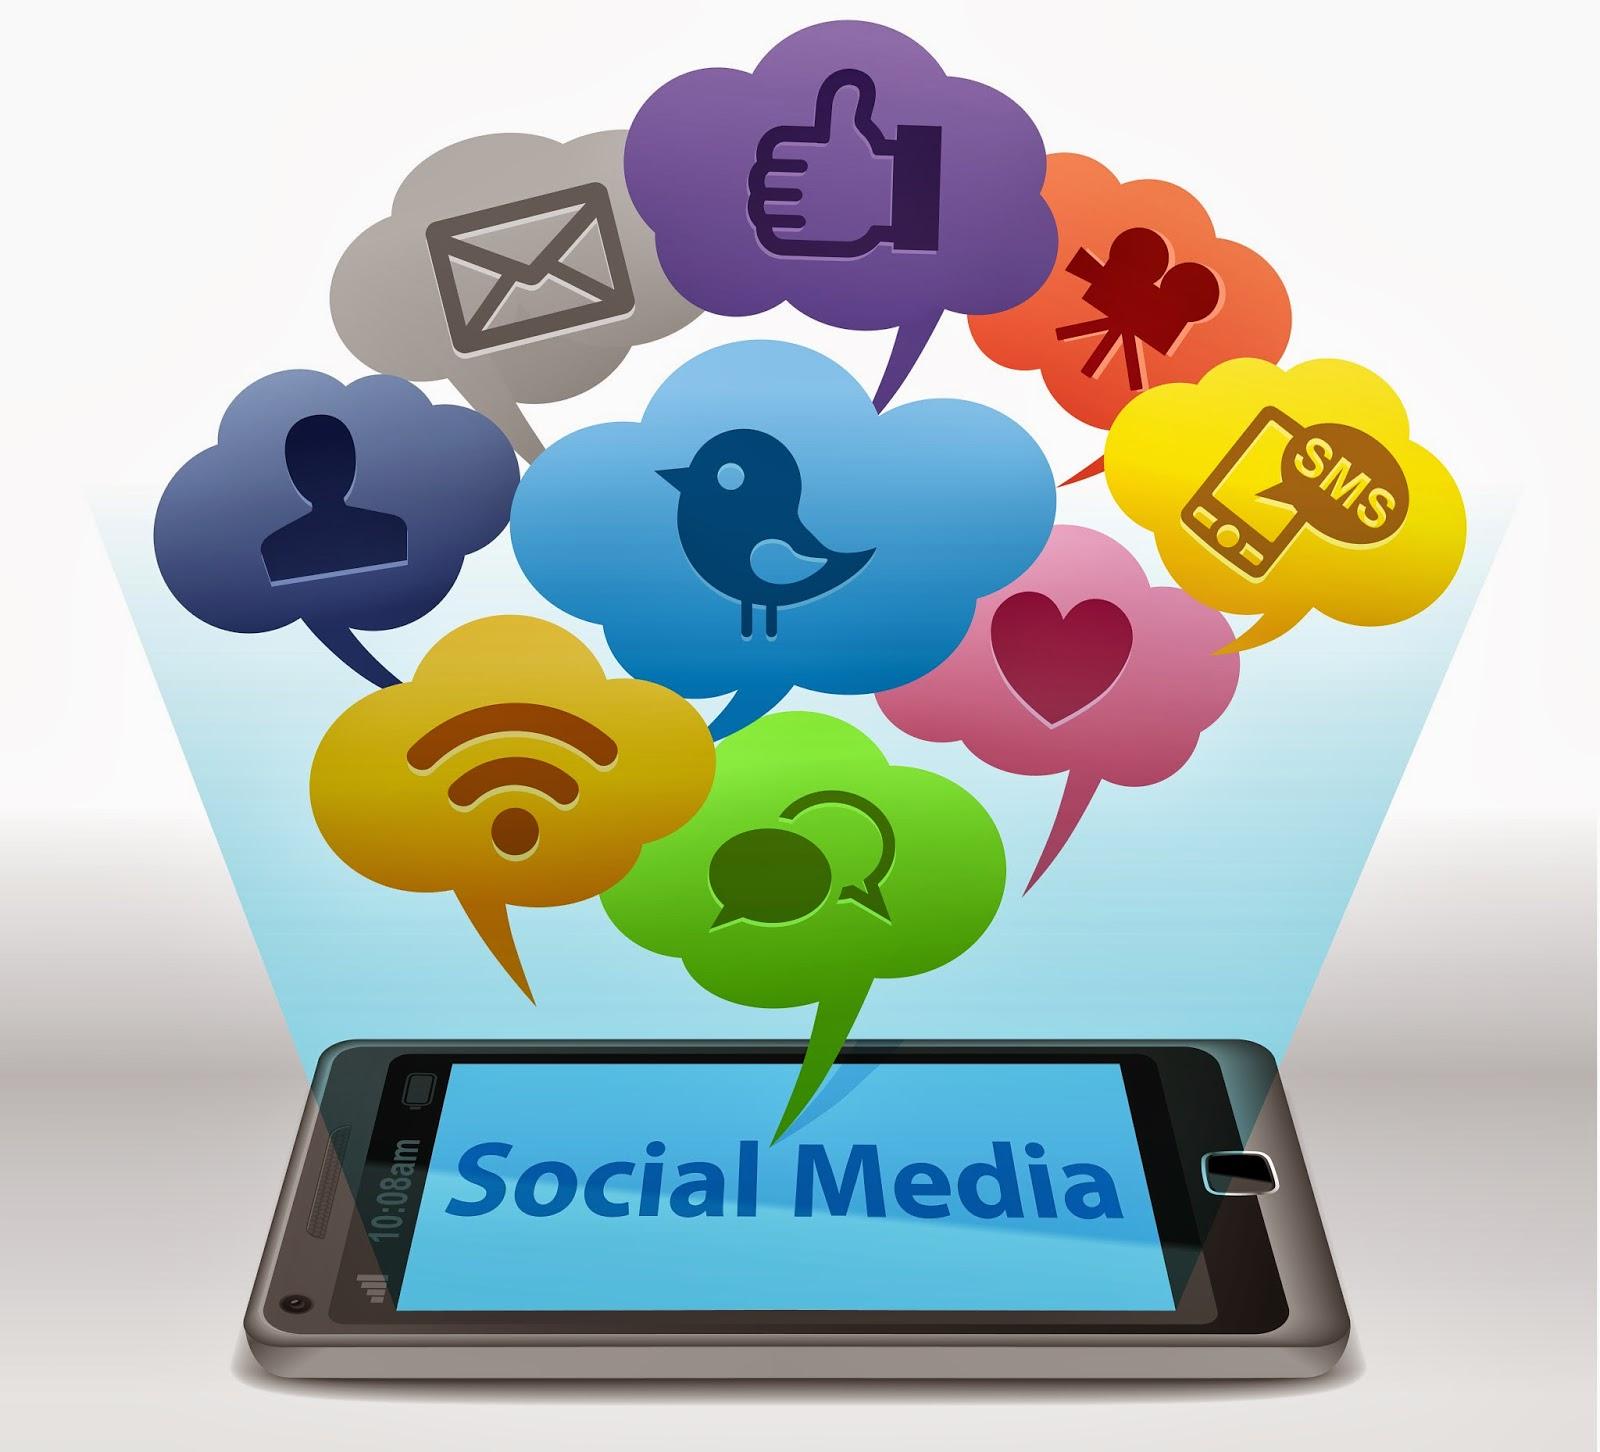 datos cifras Social Media estadísticas redes sociales